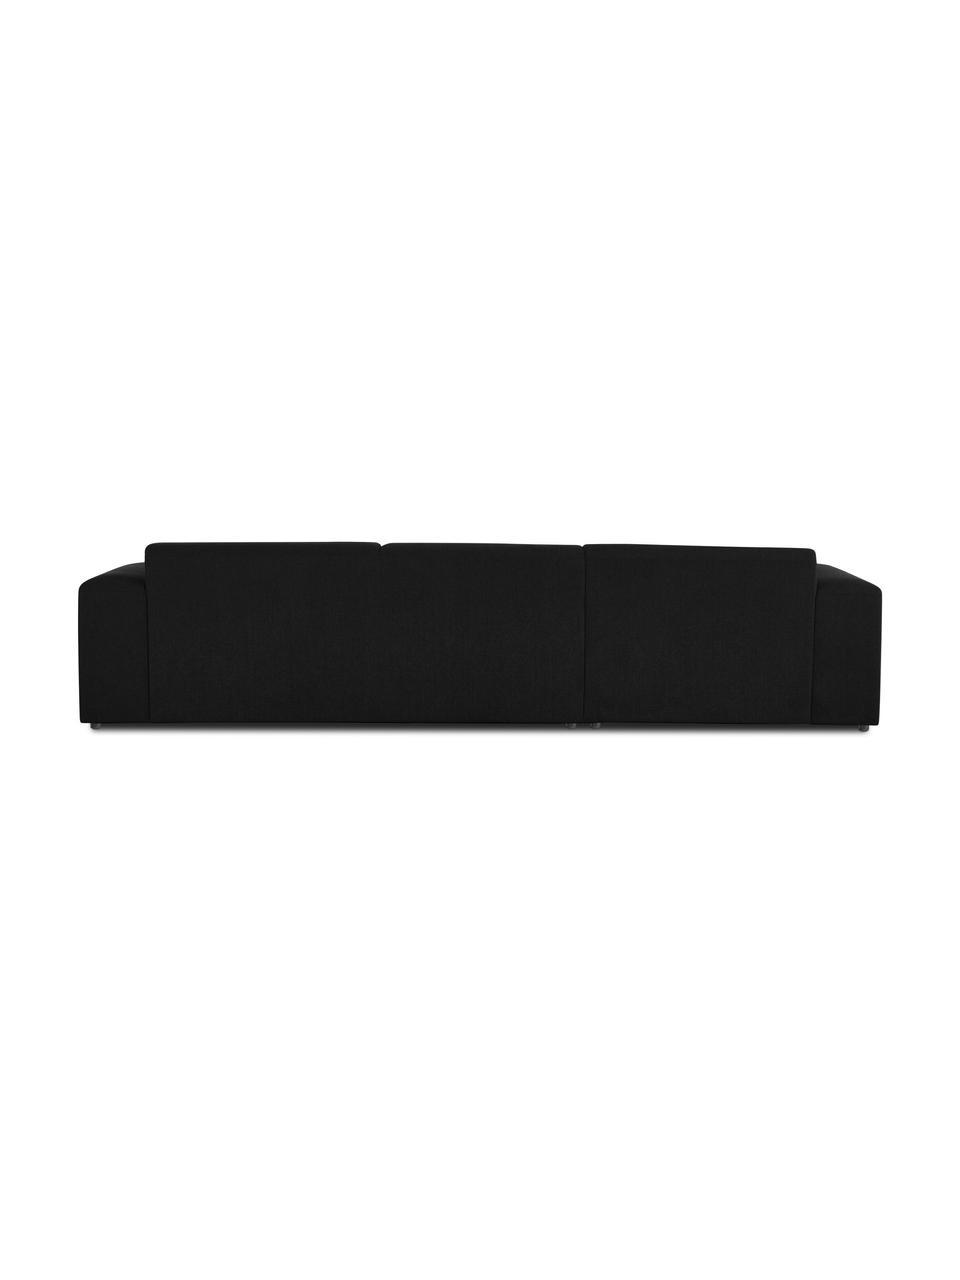 Canapé d'angle 4 places noir Melva, Tissu noir